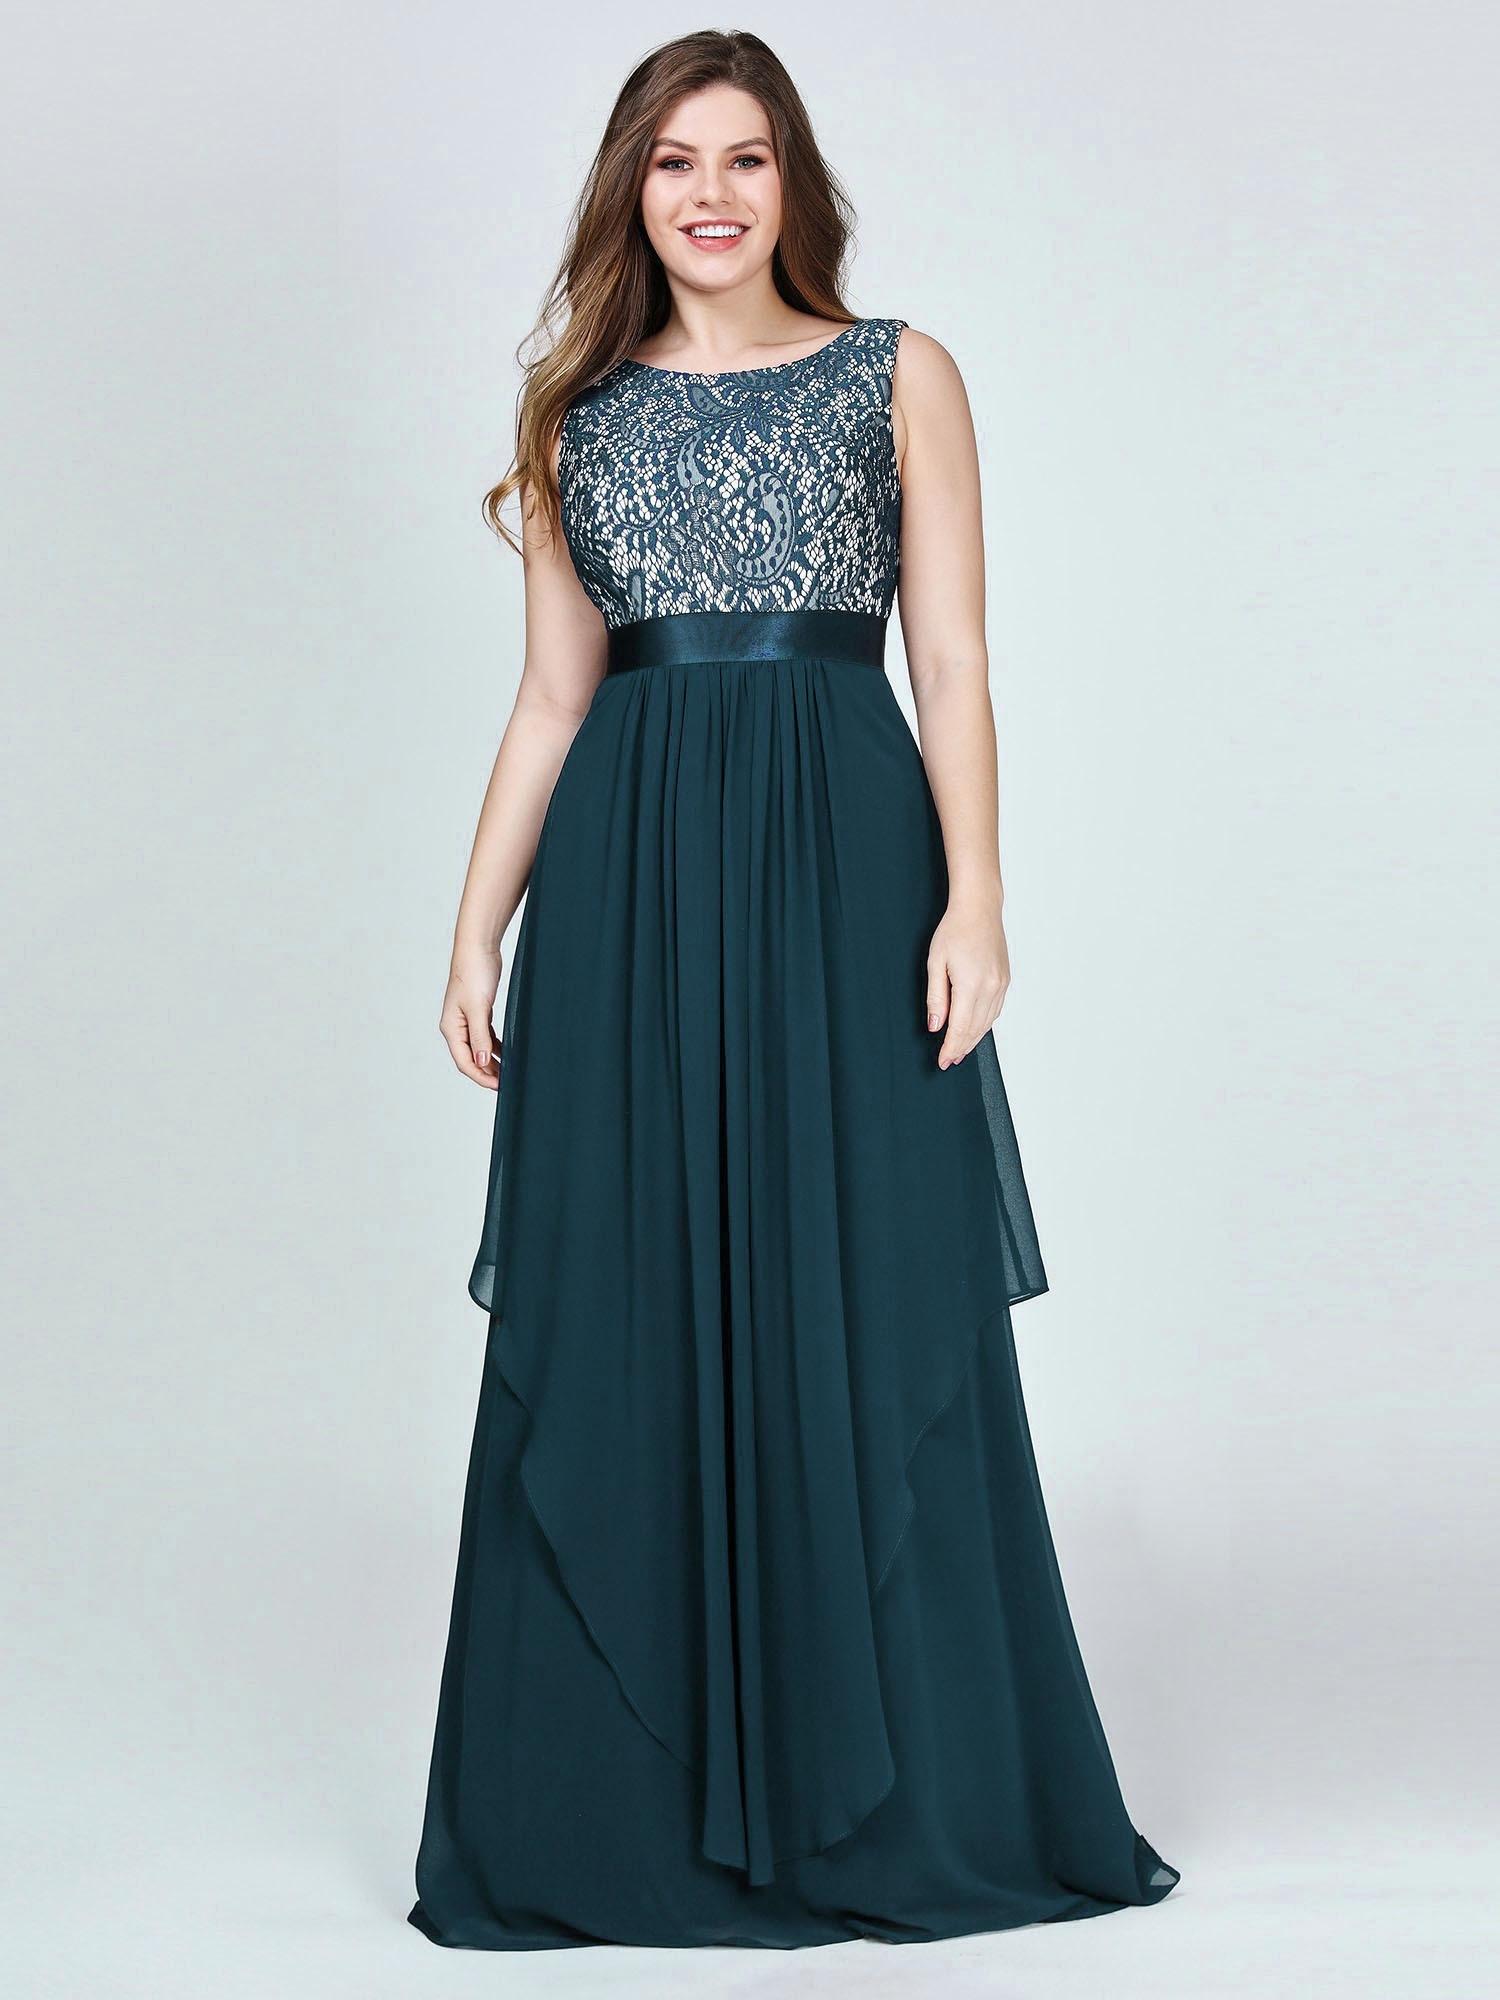 Formal Coolste Abendkleider Große Größen Ärmel - Abendkleid